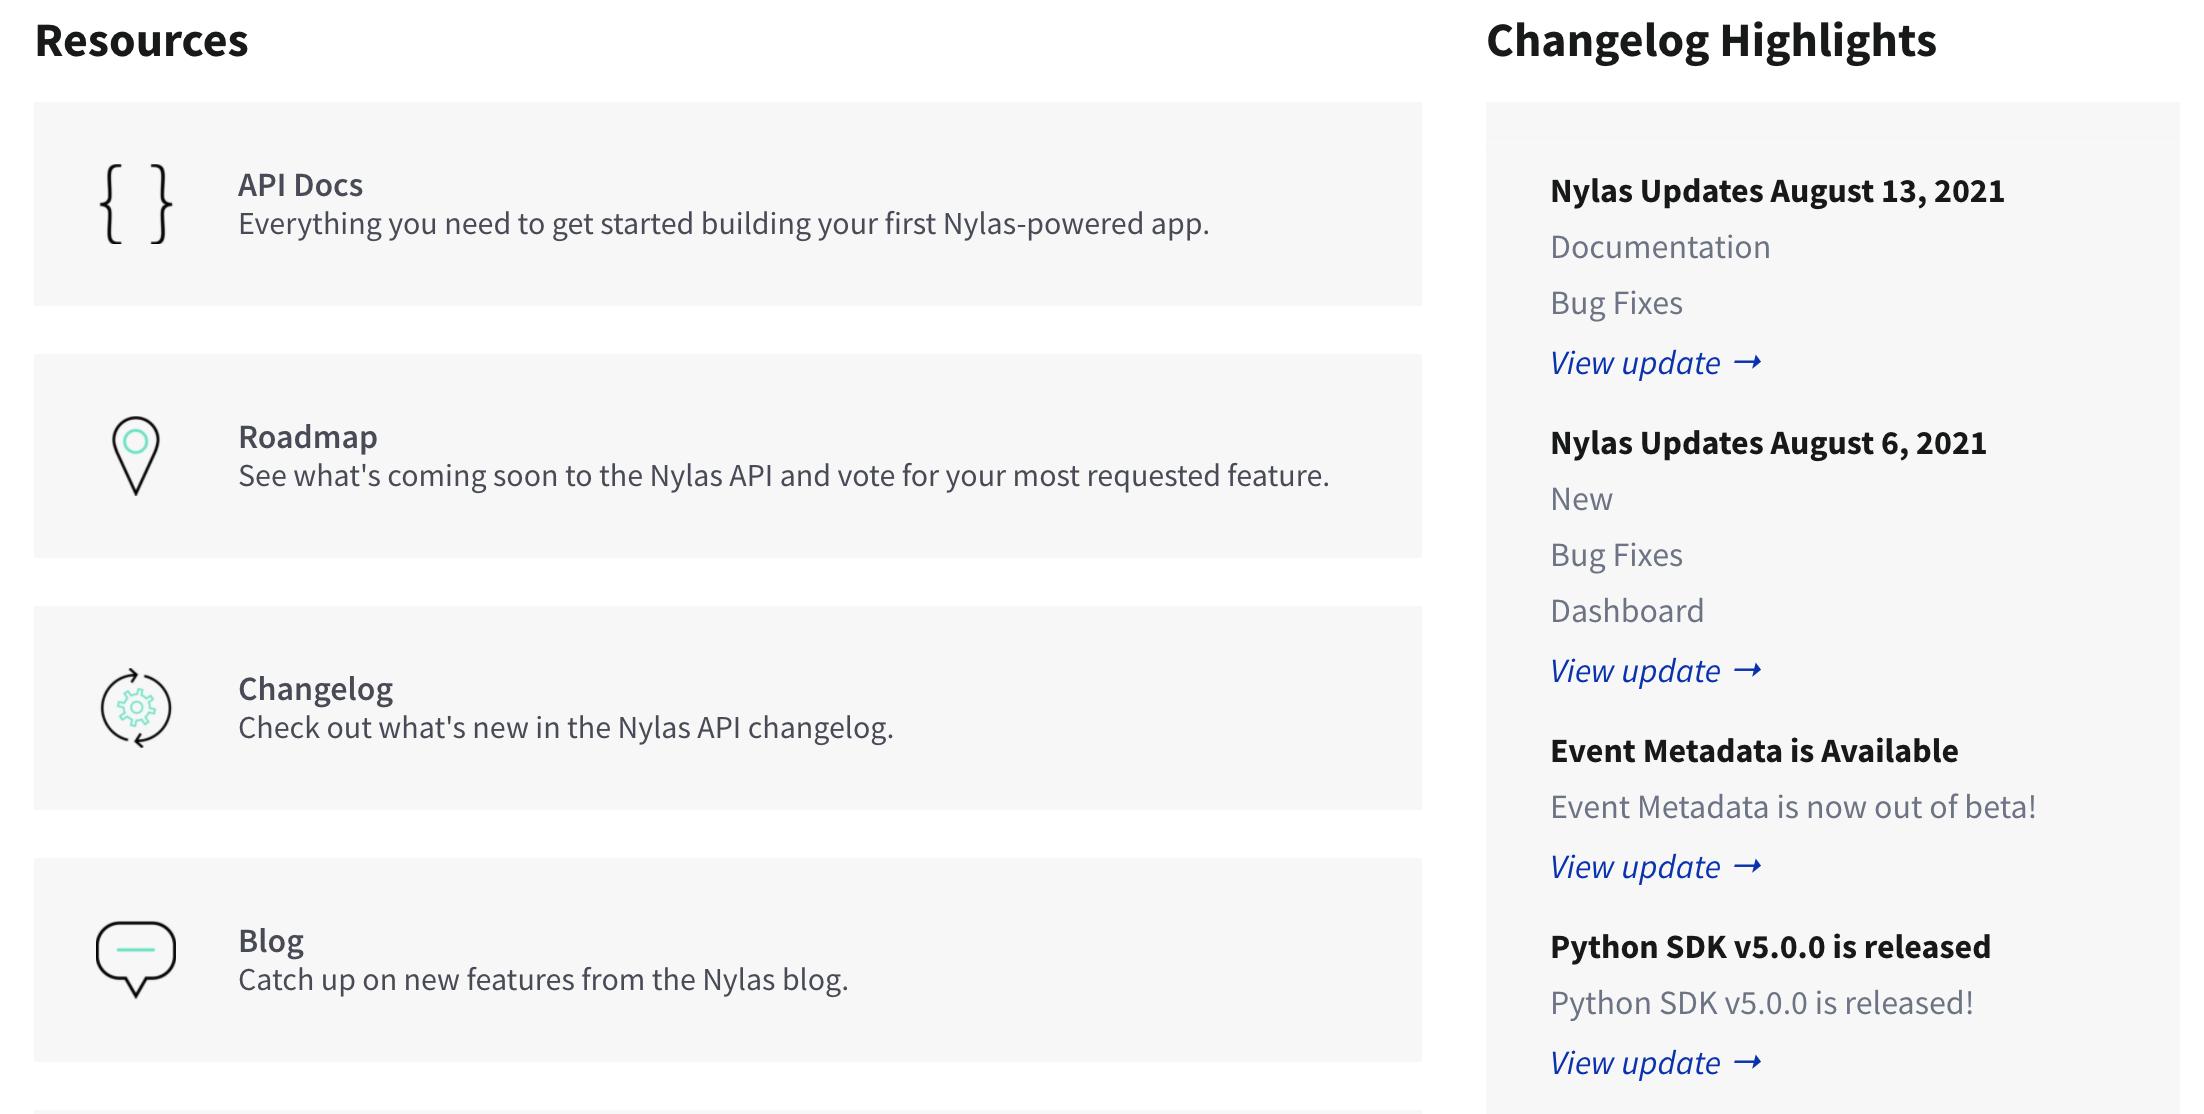 Nylas Updates August 20, 2021